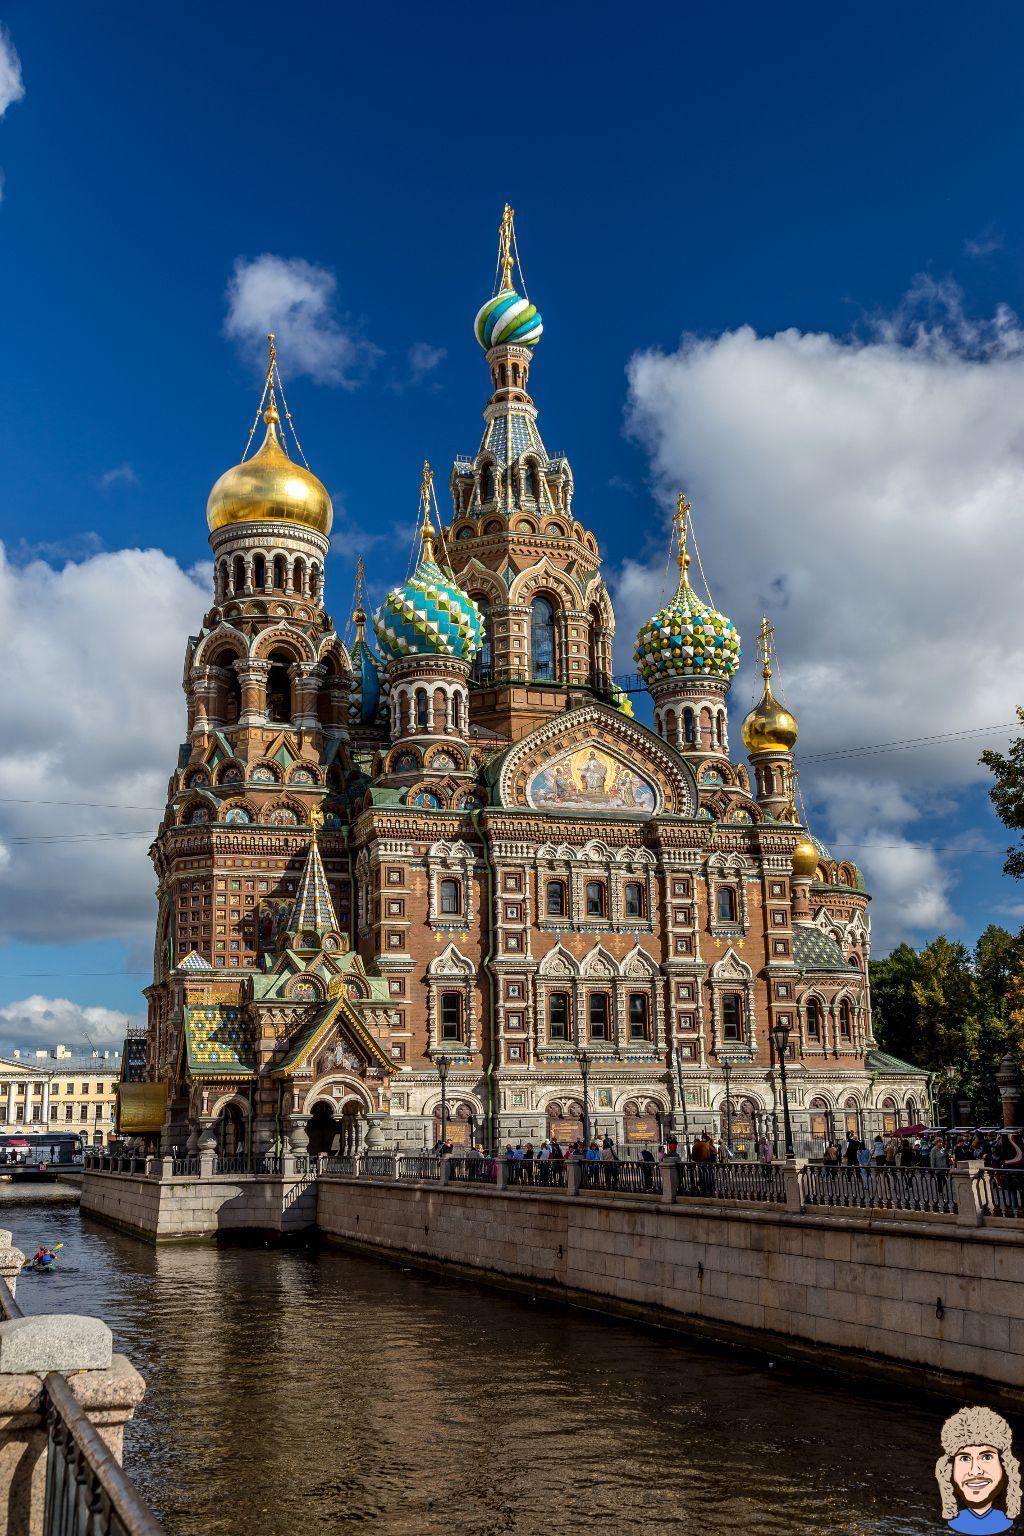 Schwabski, Russland, Russlandreise, Russland Reisen, Schwabski Russland Reisen,St. Petersburg, Moskau, Sibirien, Irkutsk, Baikalsee, Baikalsee Reise, Baikalsee Rundreise, Russland Reisen